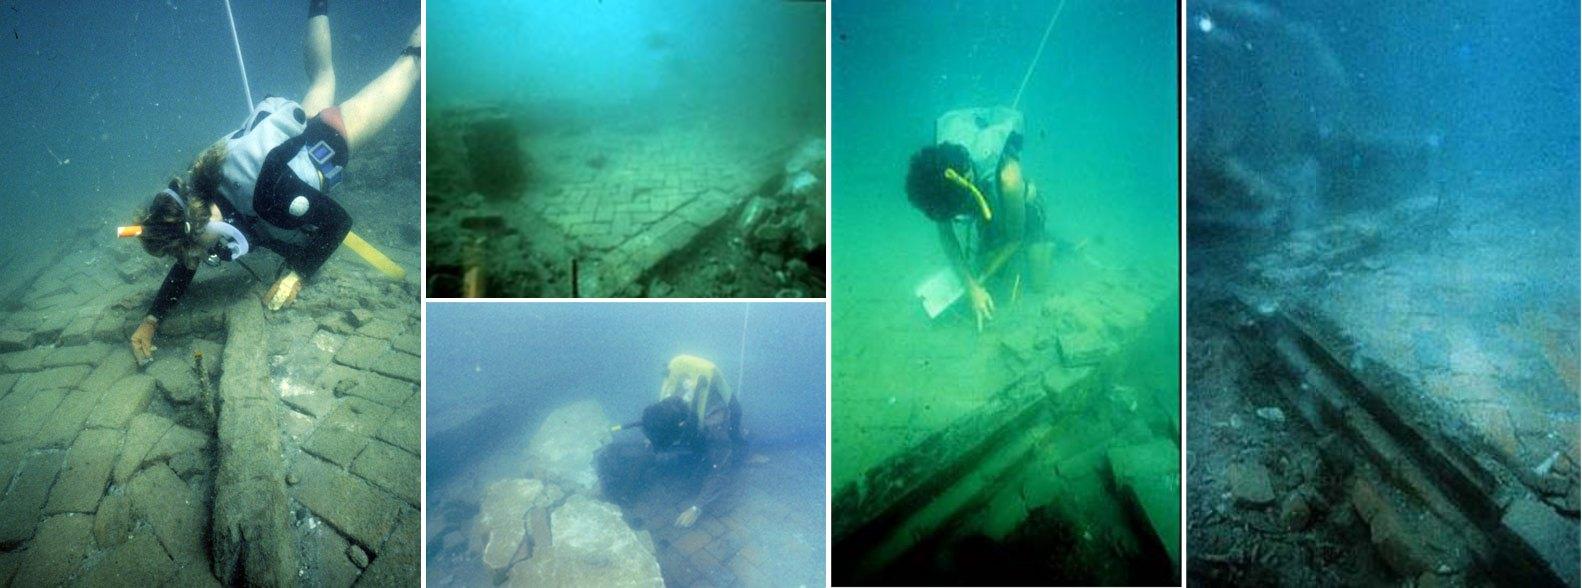 underwater wonders 4 1 Топ 10. Самые удивительные и невероятные вещи, которые можно найти под водой